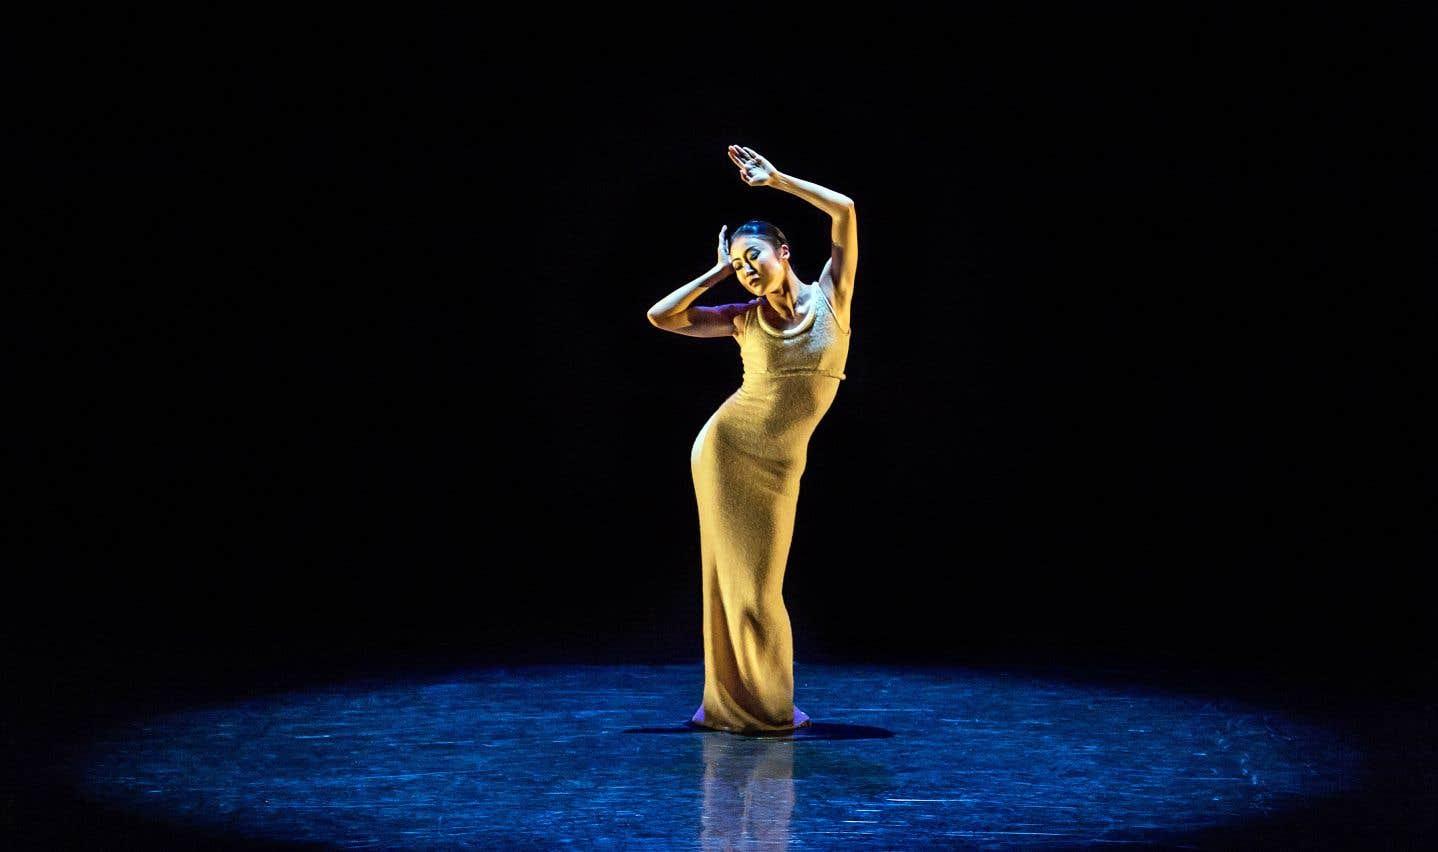 «Ekstasis», interprété par la danseuse PeiJu Chien-Pott